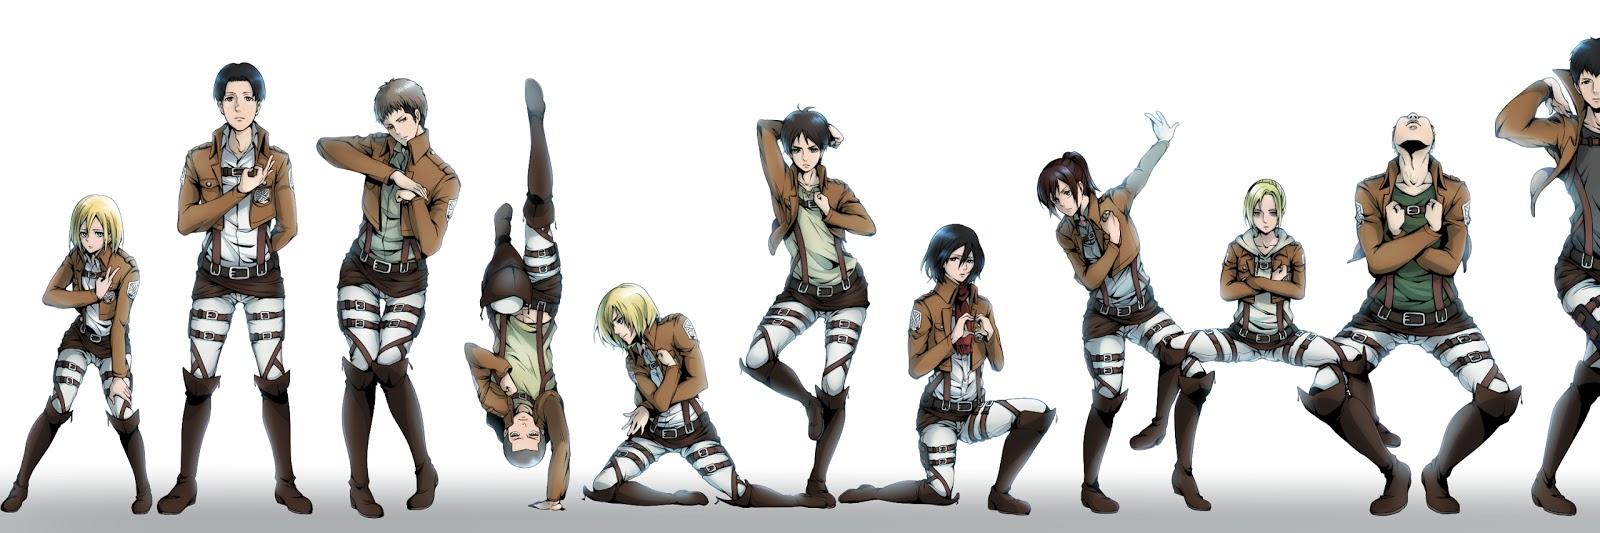 Attack on Titan Shingeki no Kyojin Mikasa Ackerman Eren Jaeger Christa    Shingeki No Kyojin Mikasa Abs